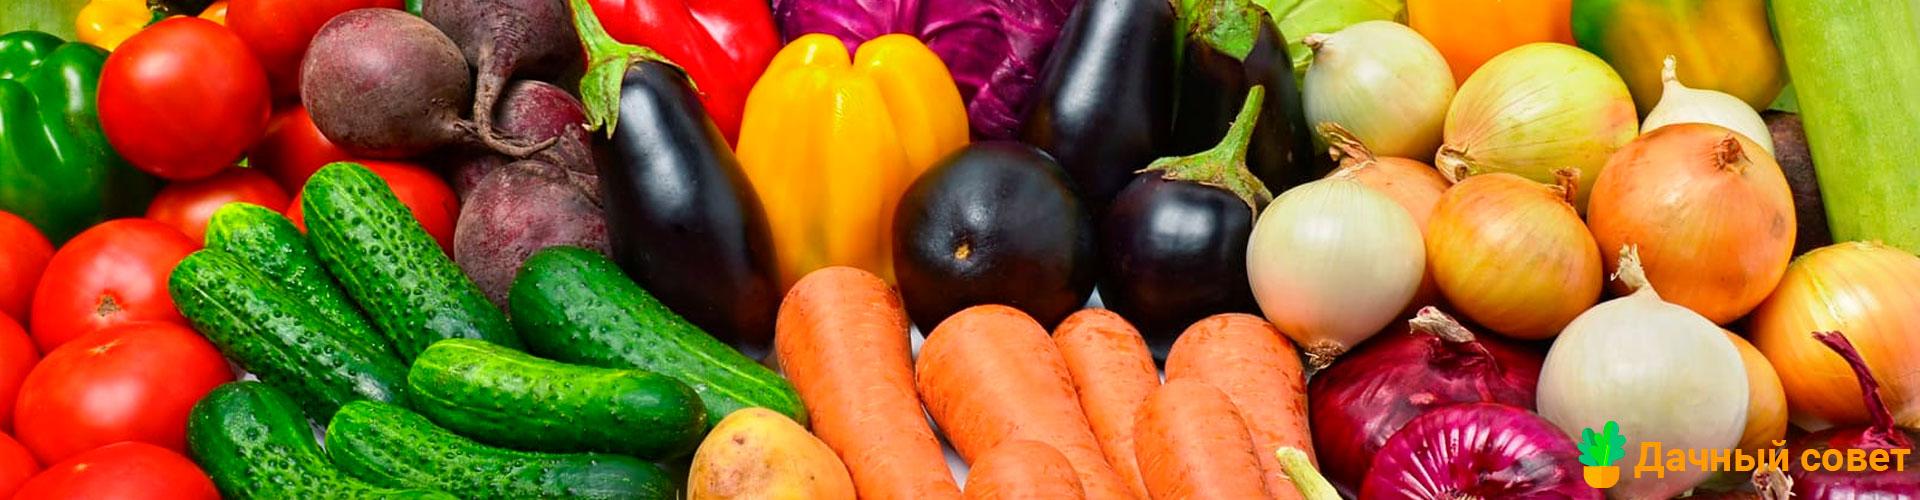 Когда и чем удобрять овощи. Шпаргалка для огородника